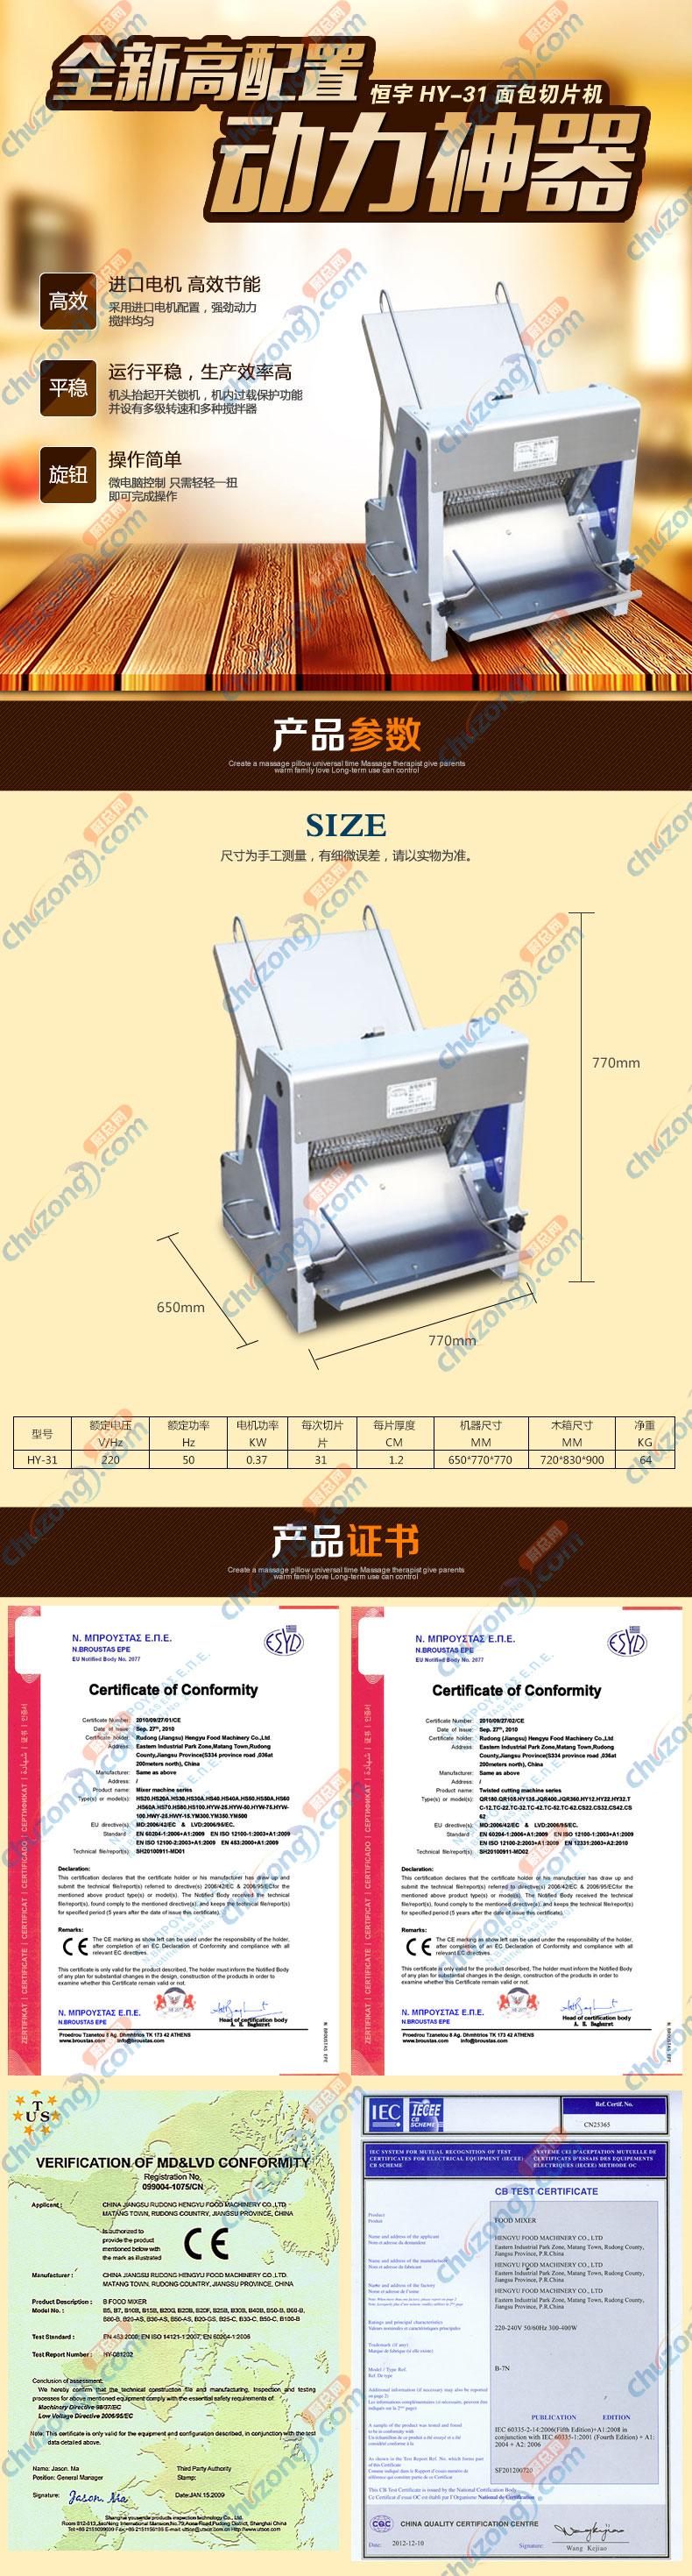 恒宇面包切片機HY-31詳情圖